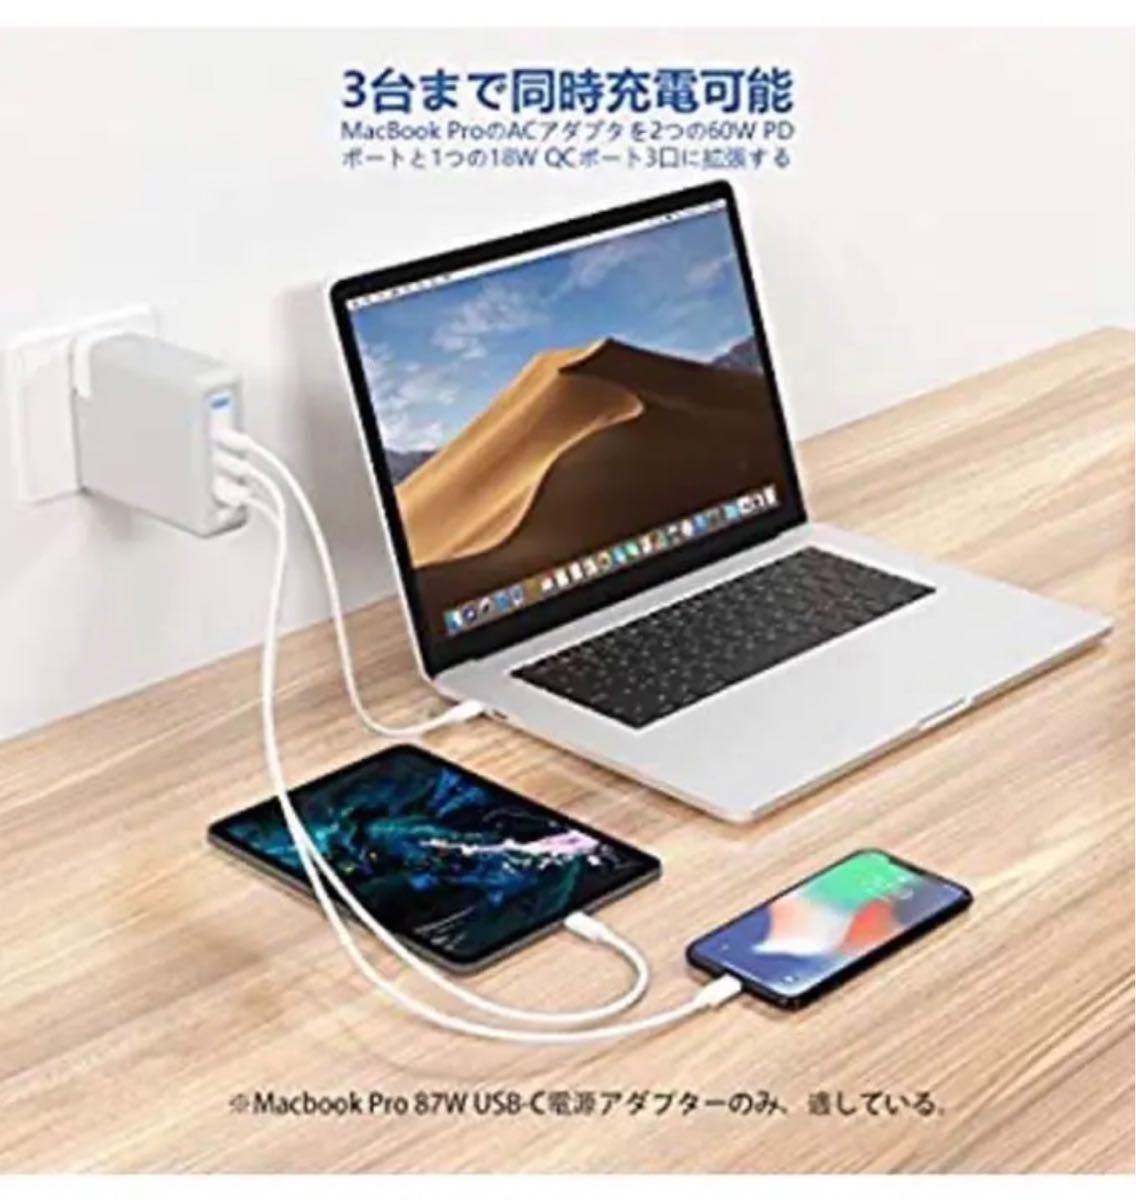 USB-C PD電源アダプター用 電力変換器変換アダプター 1 to 3 拡張